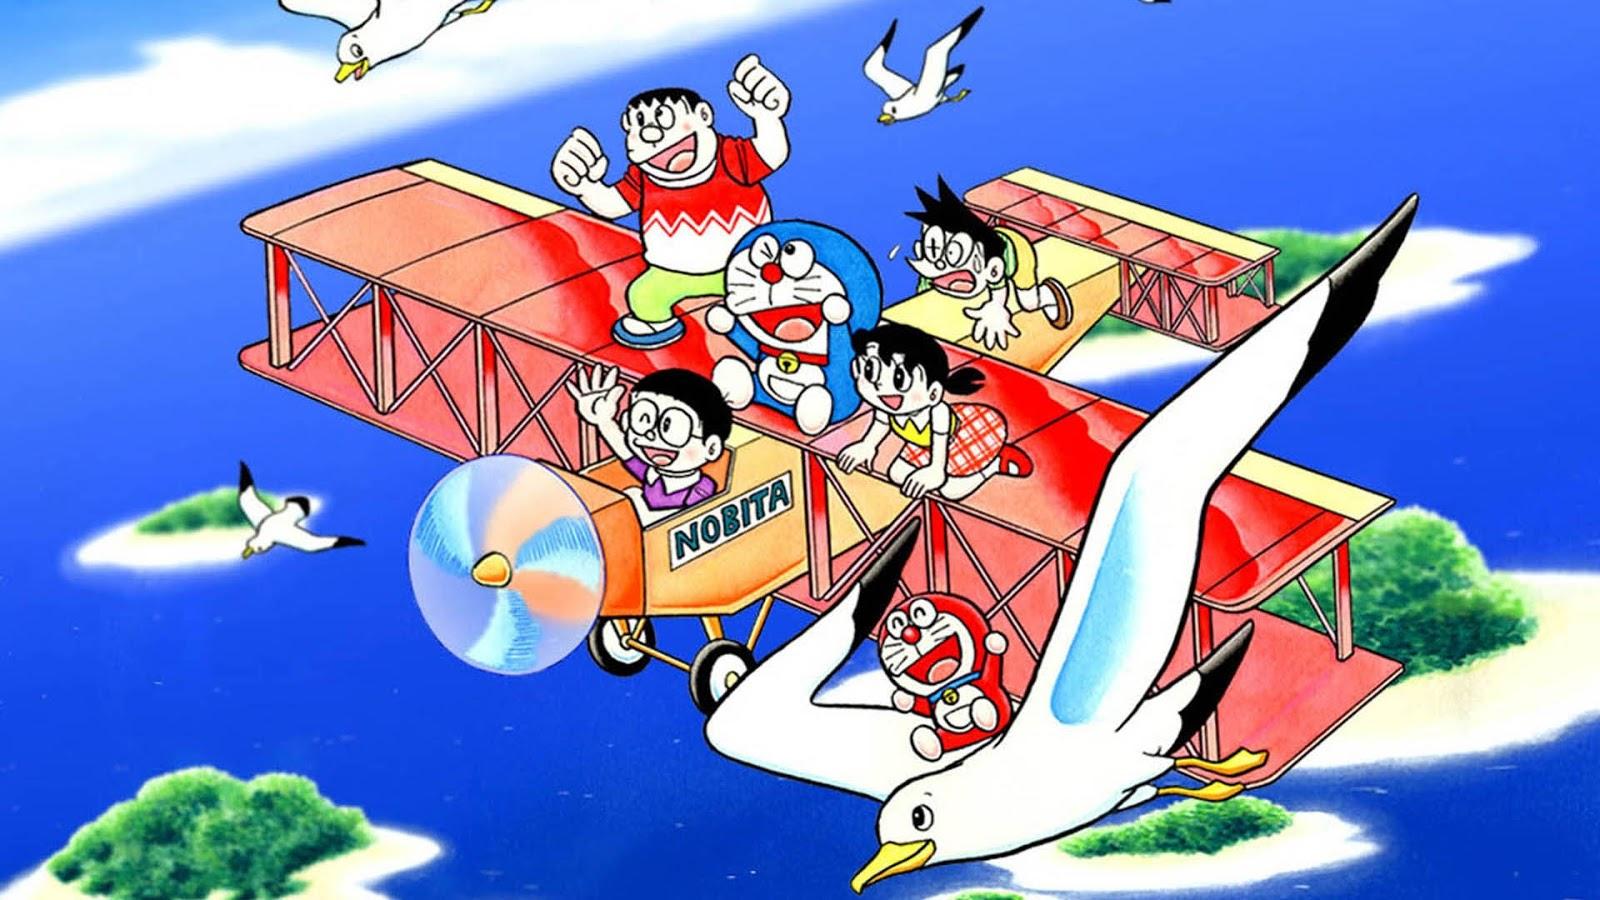 http://1.bp.blogspot.com/-9Hz2dzfy52A/VevxlodrBTI/AAAAAAAAA10/4HJFaT9VmUI/s1600/Doraemon-truyen-dai.jpg